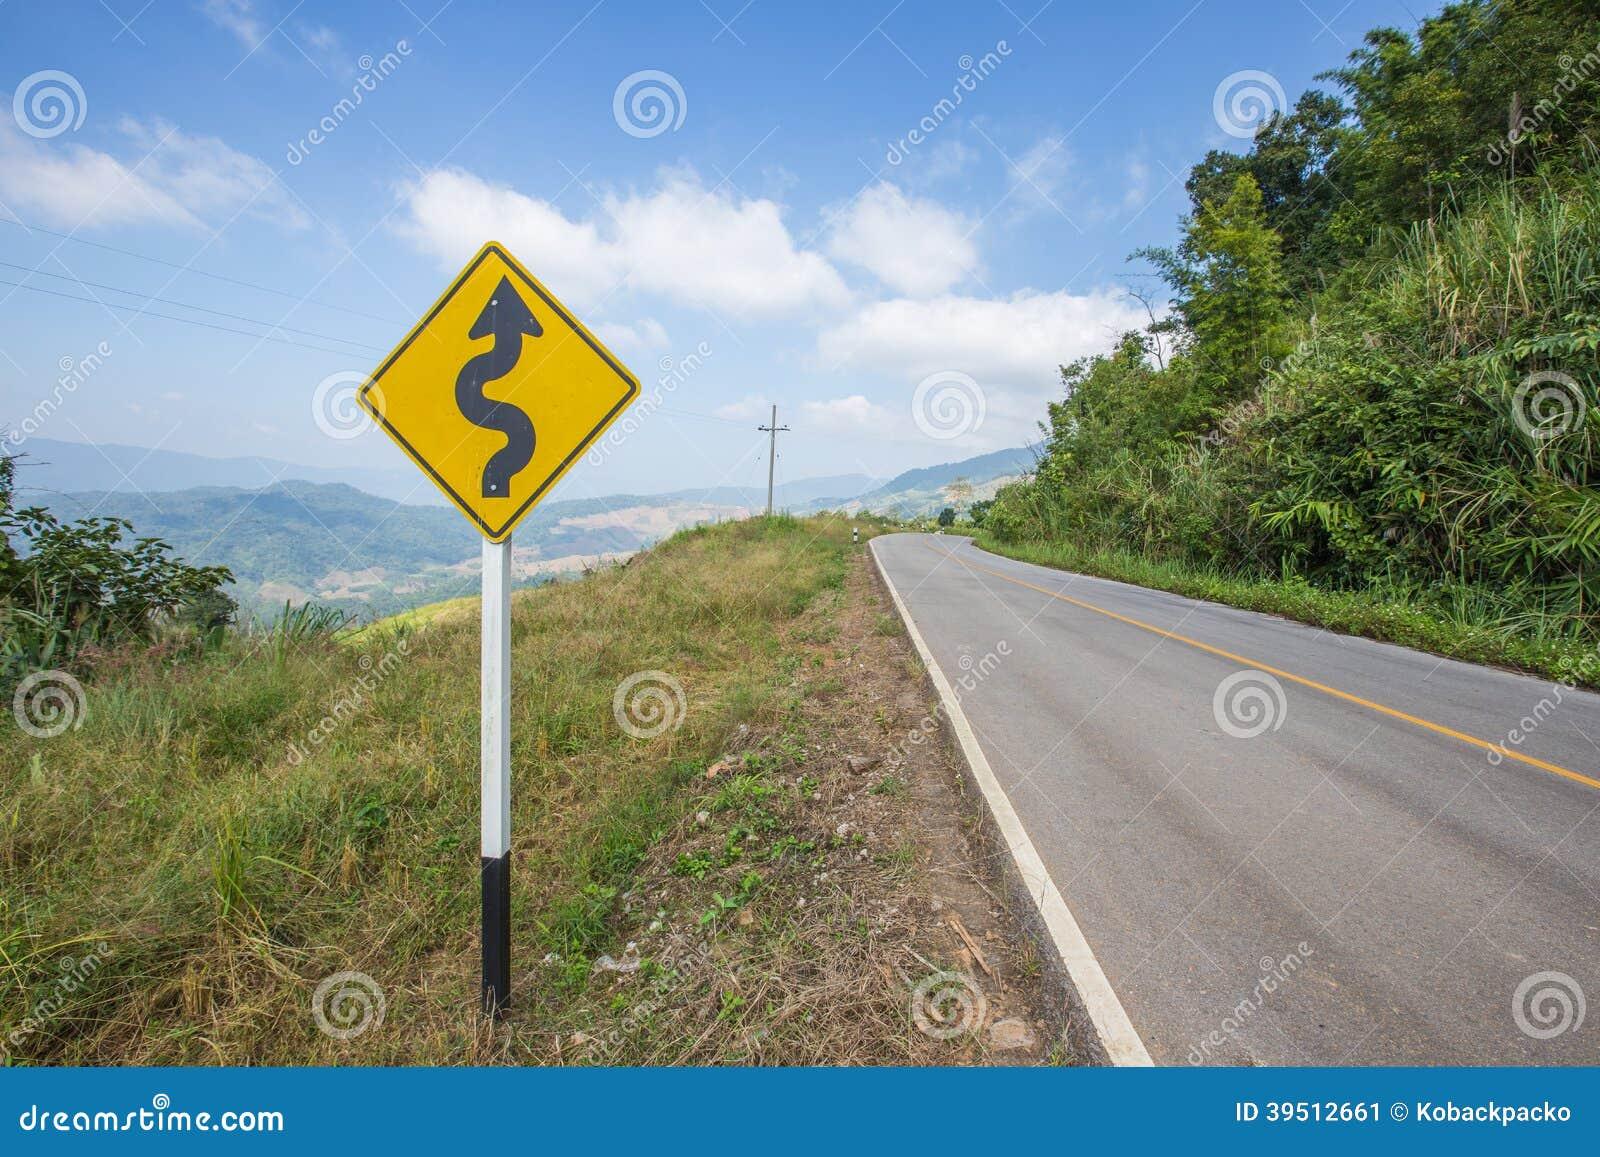 Sigh road